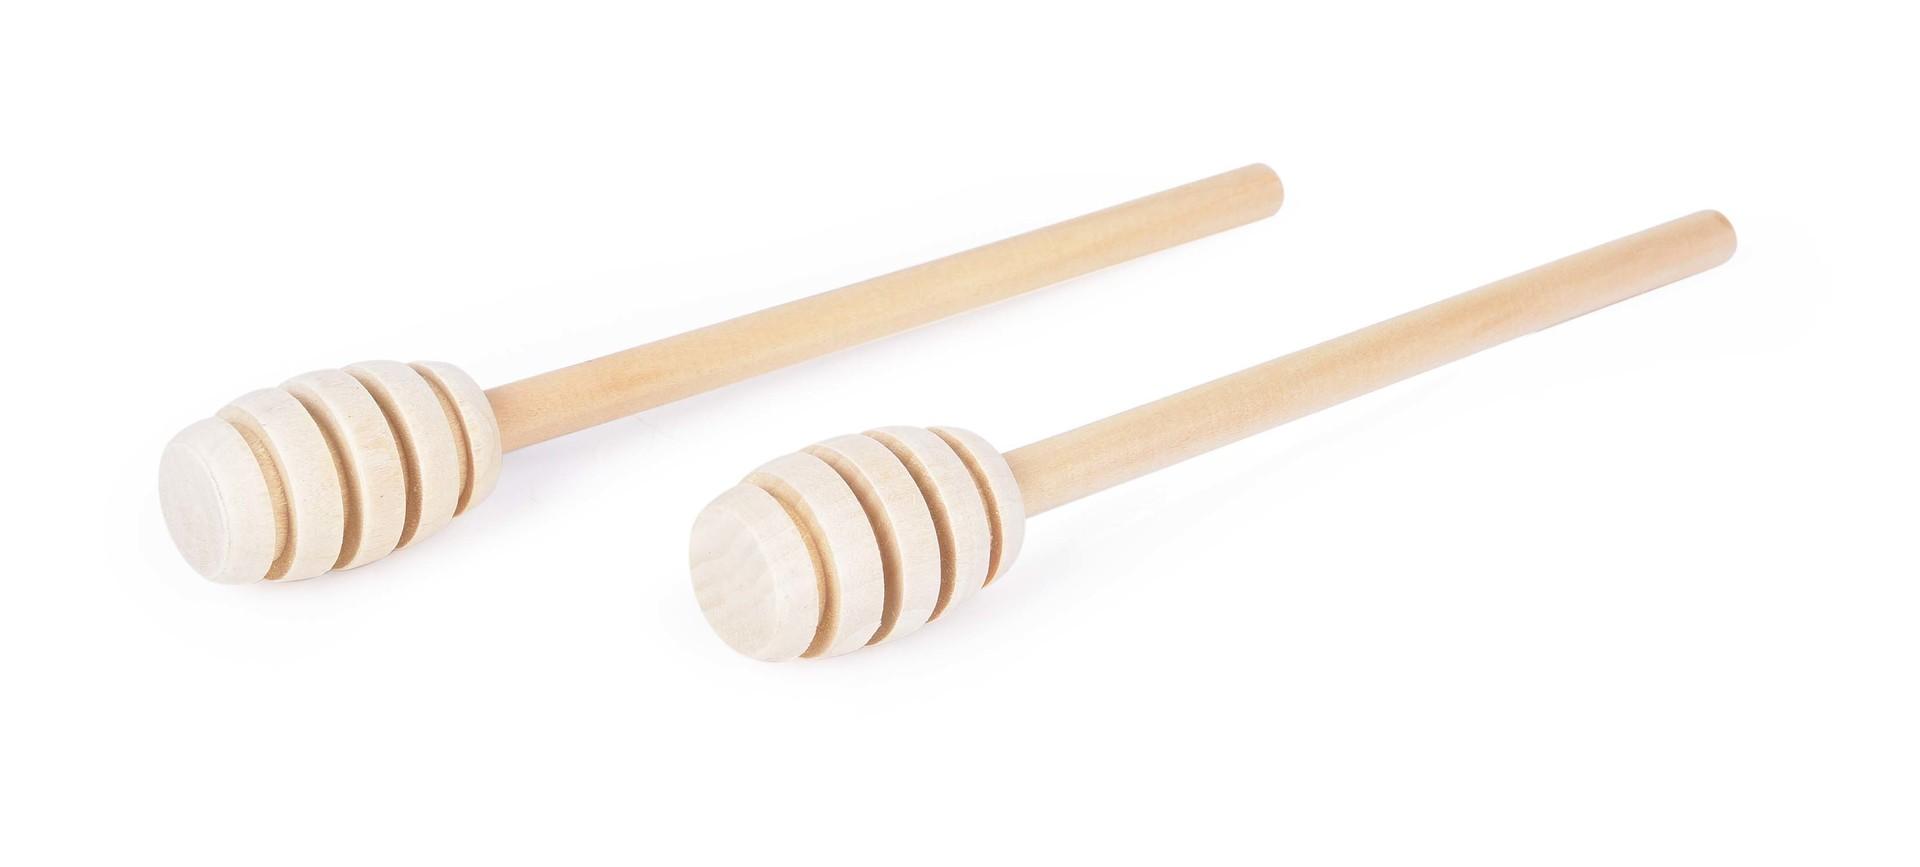 2 ks medolžička na med z bukového dřeva GoEco®